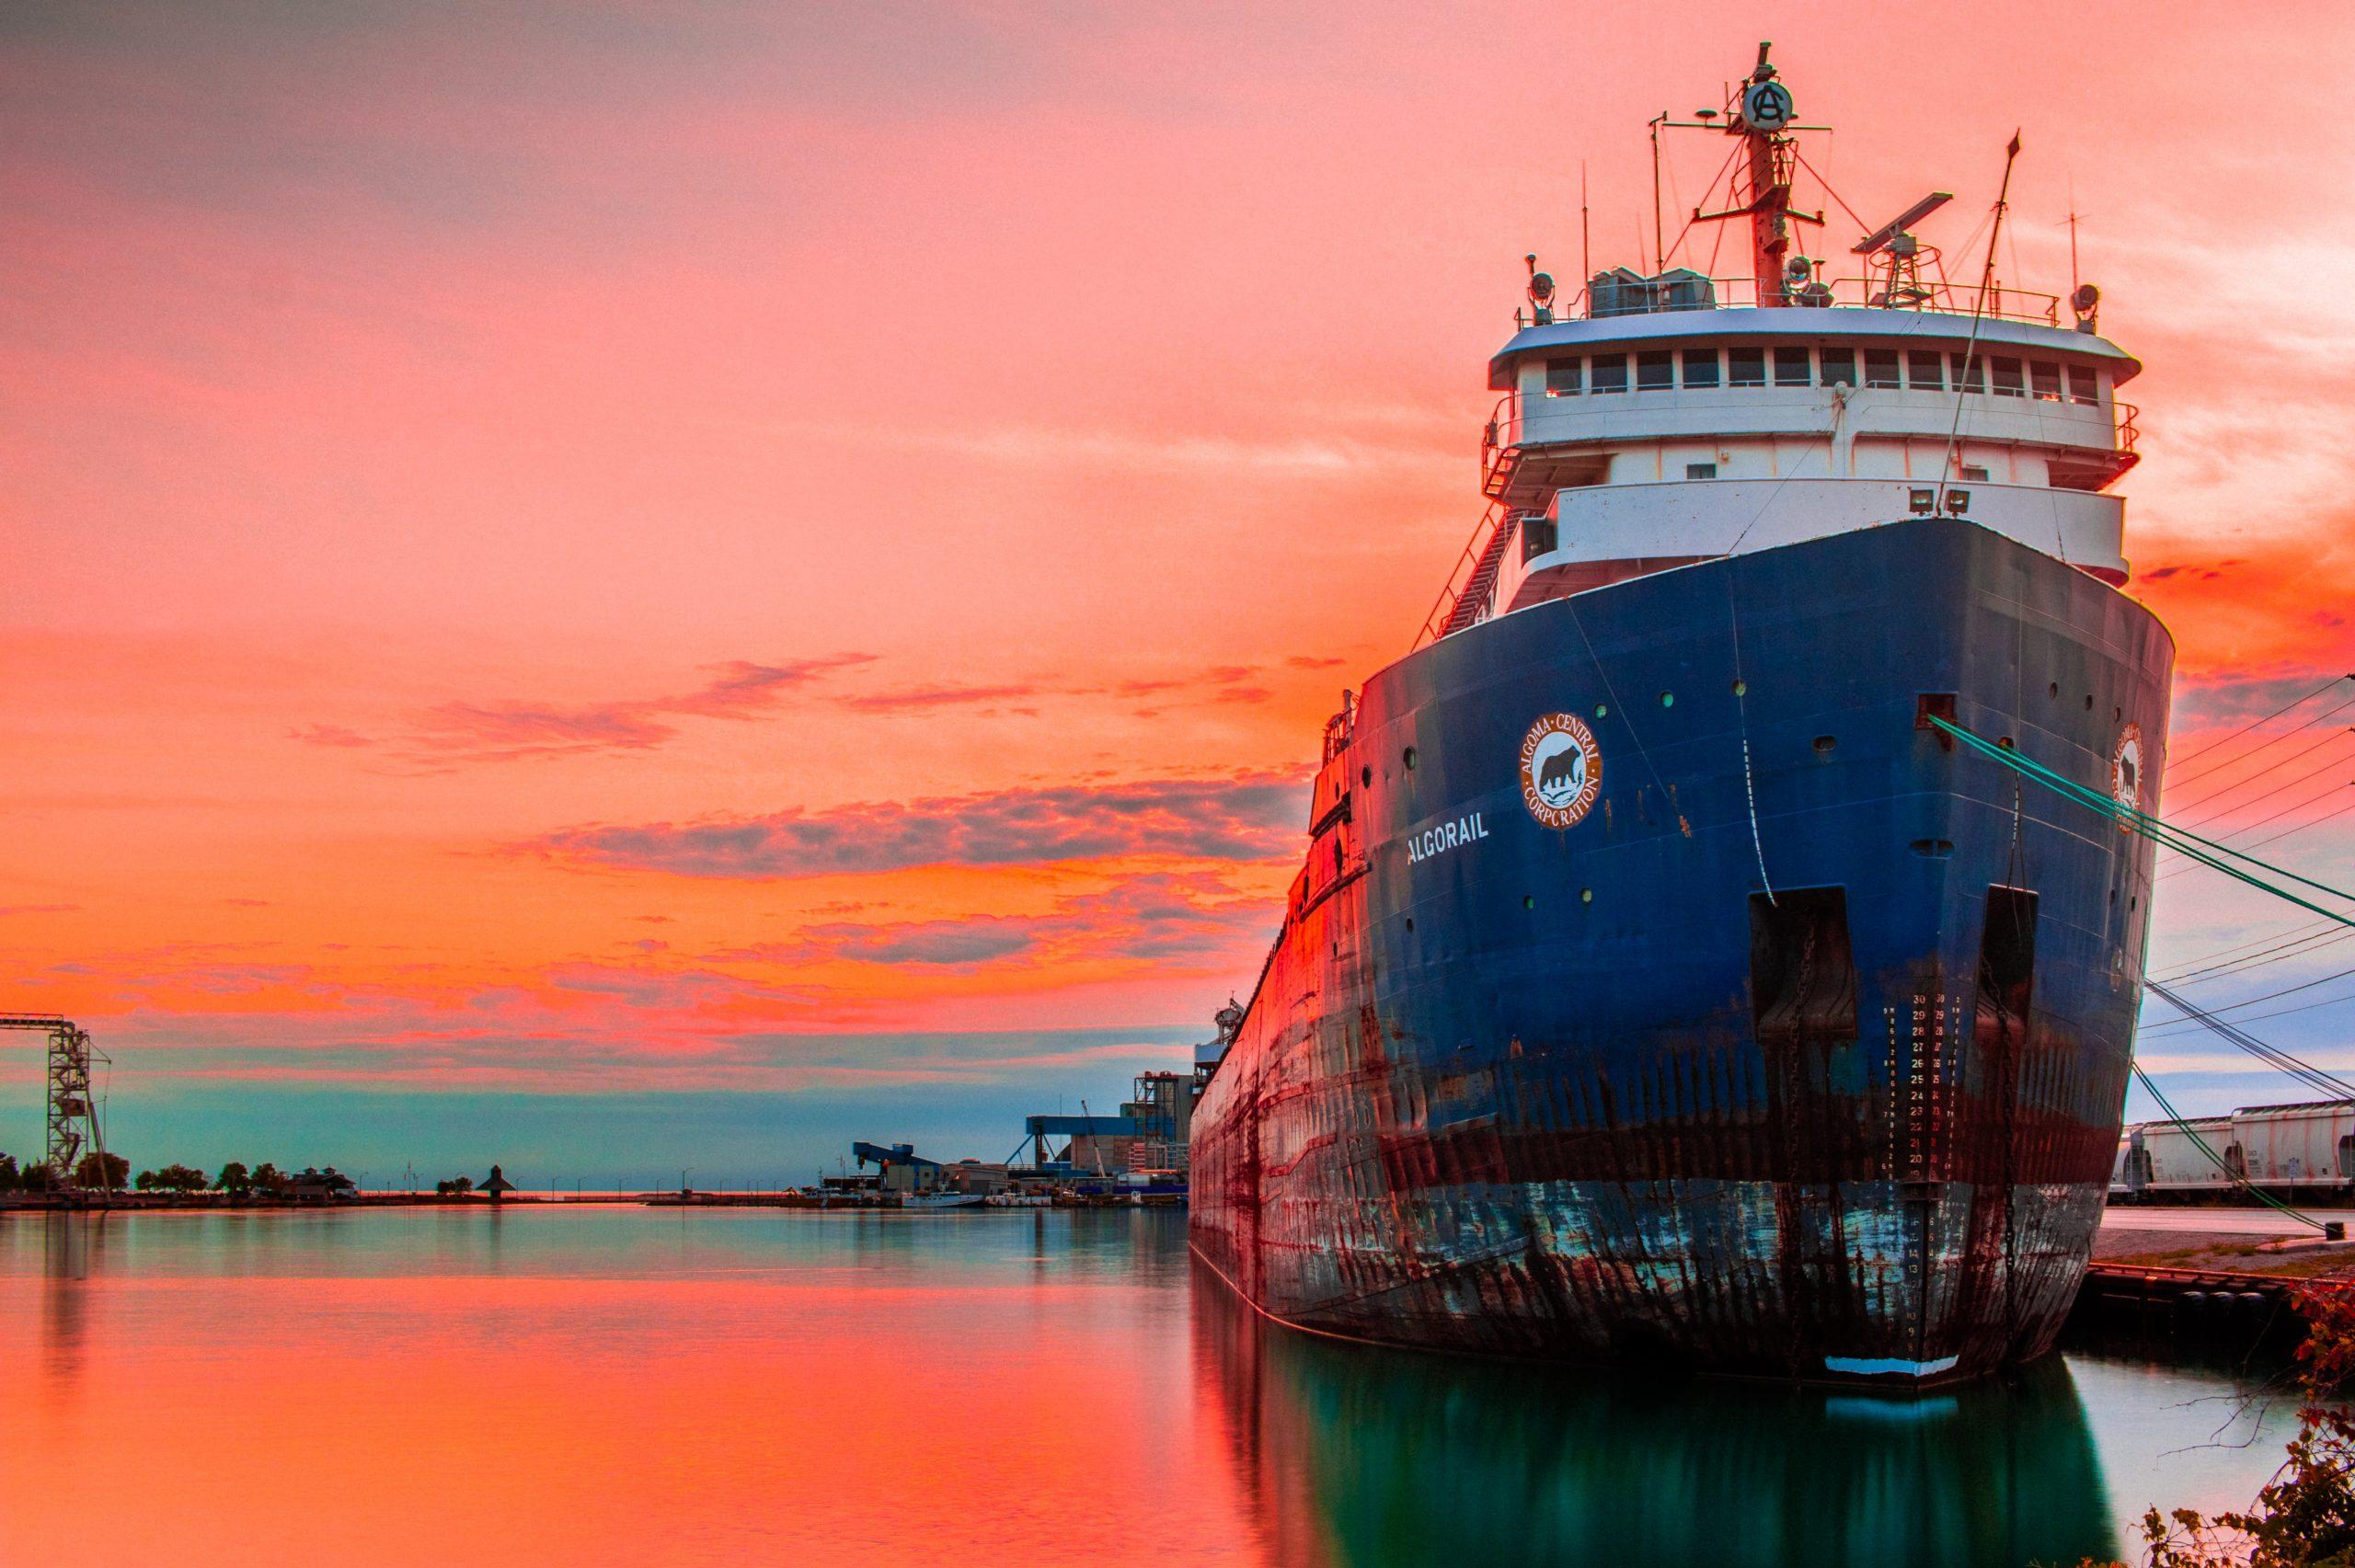 Mudança em regra de combustíveis marítimos beneficia o meio ambiente